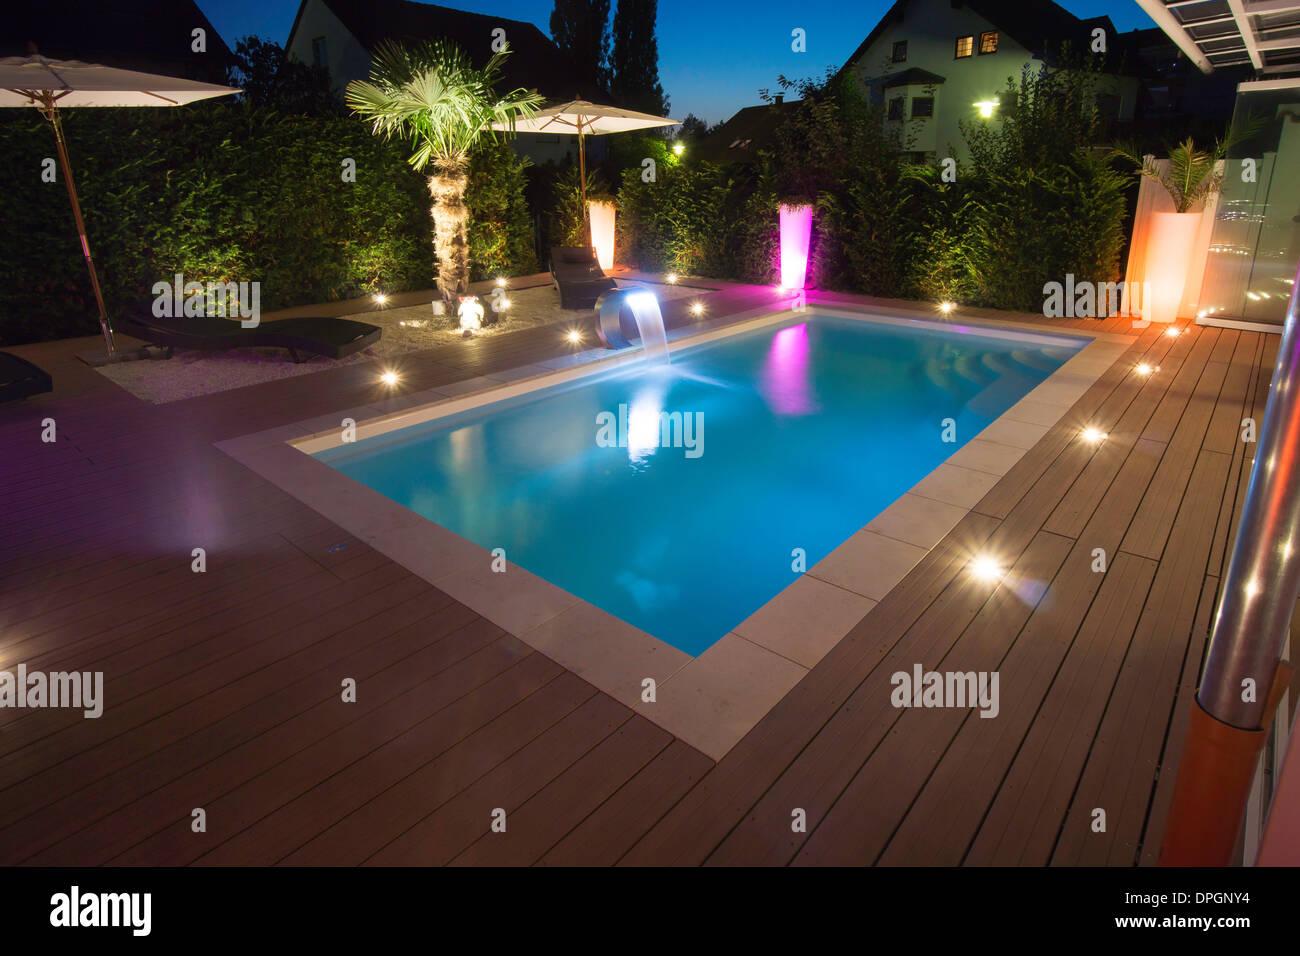 Giardino privato con piscina e terrazza e palm con illuminazione